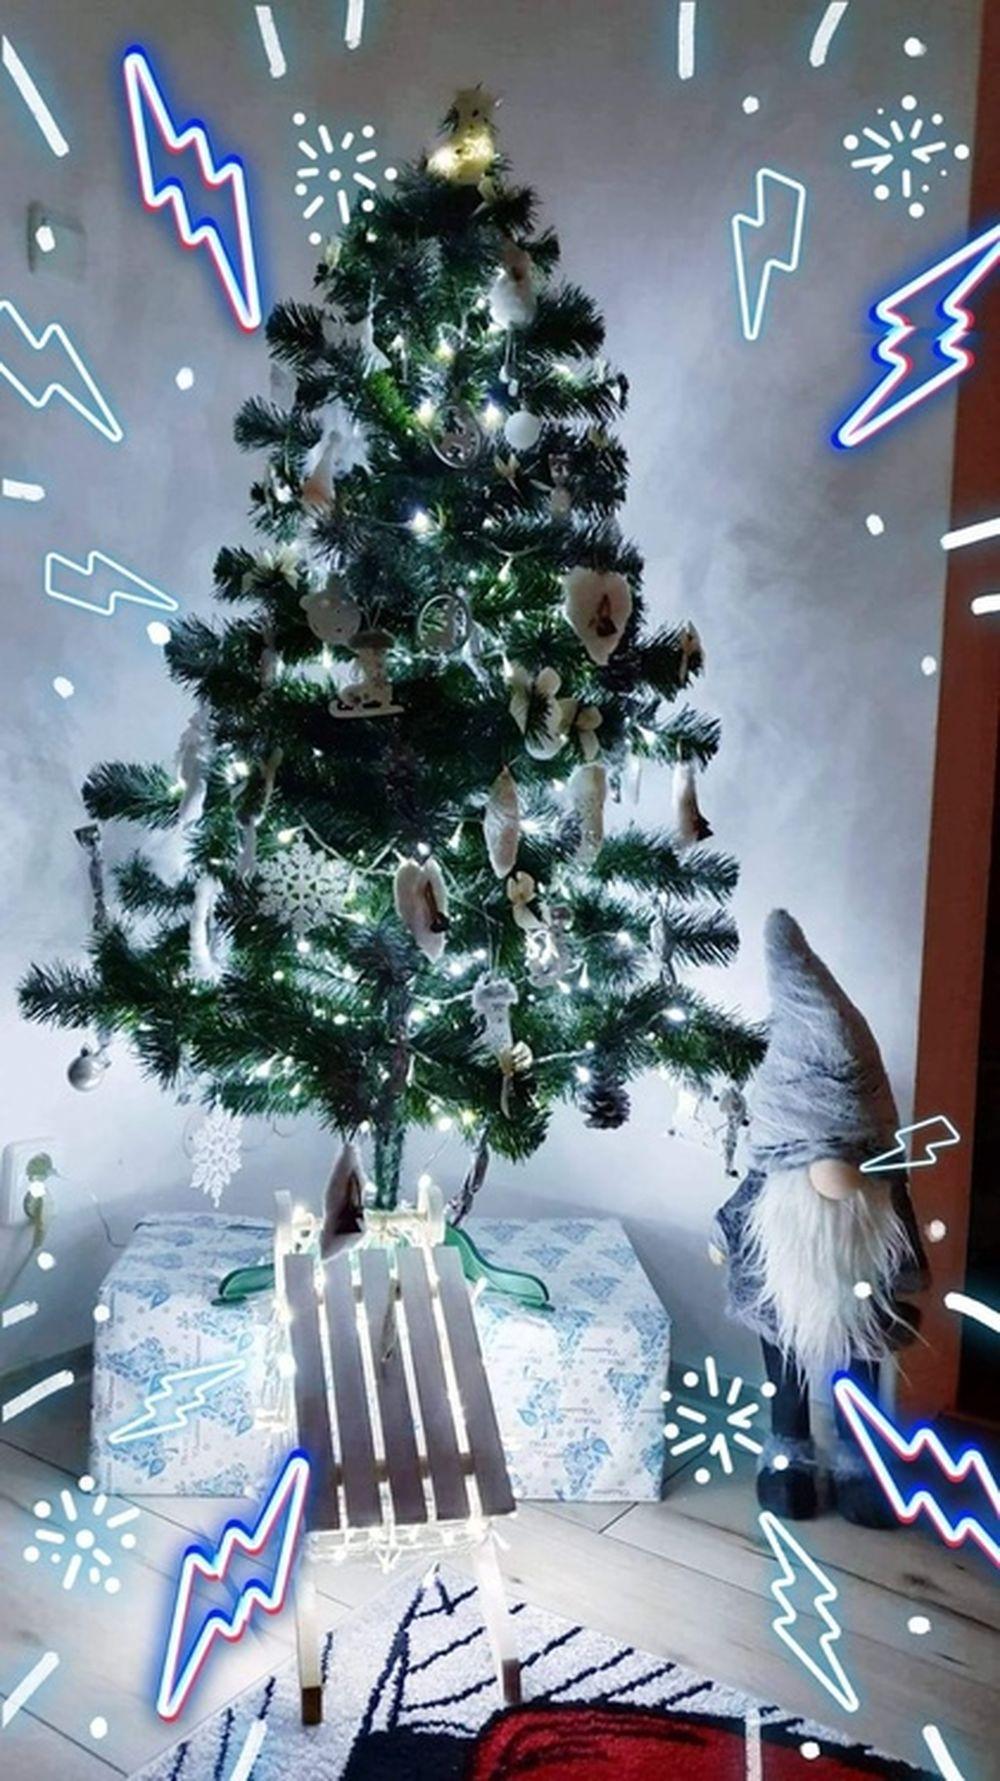 FOTO: Vianočné stromčeky v Žiline - výber fotografií našich čitateľov, foto 17